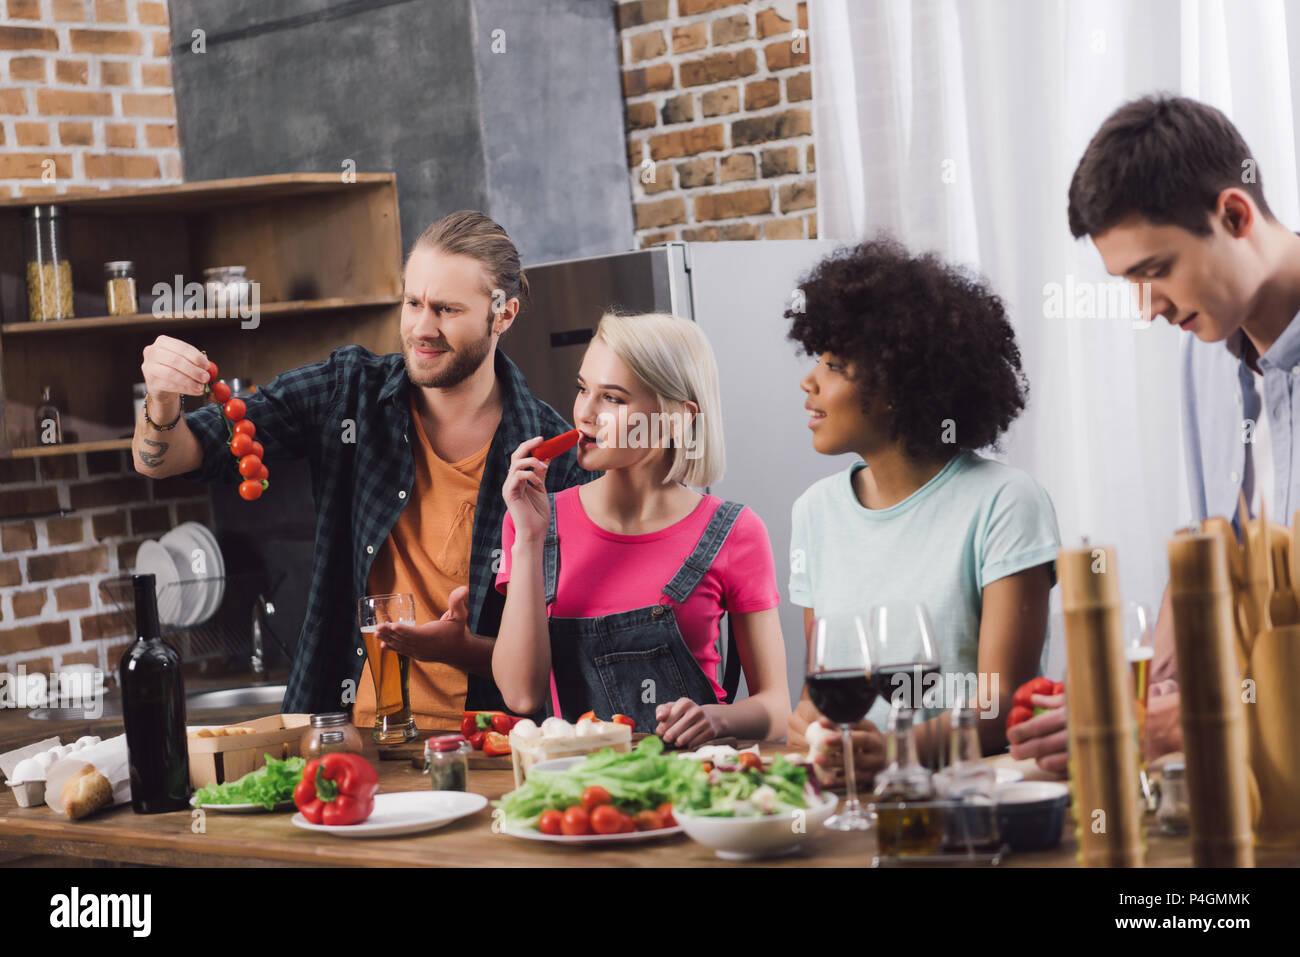 Multiethnischen Freunde Verkostung einige Lebensmittel beim Kochen in der Küche Stockbild